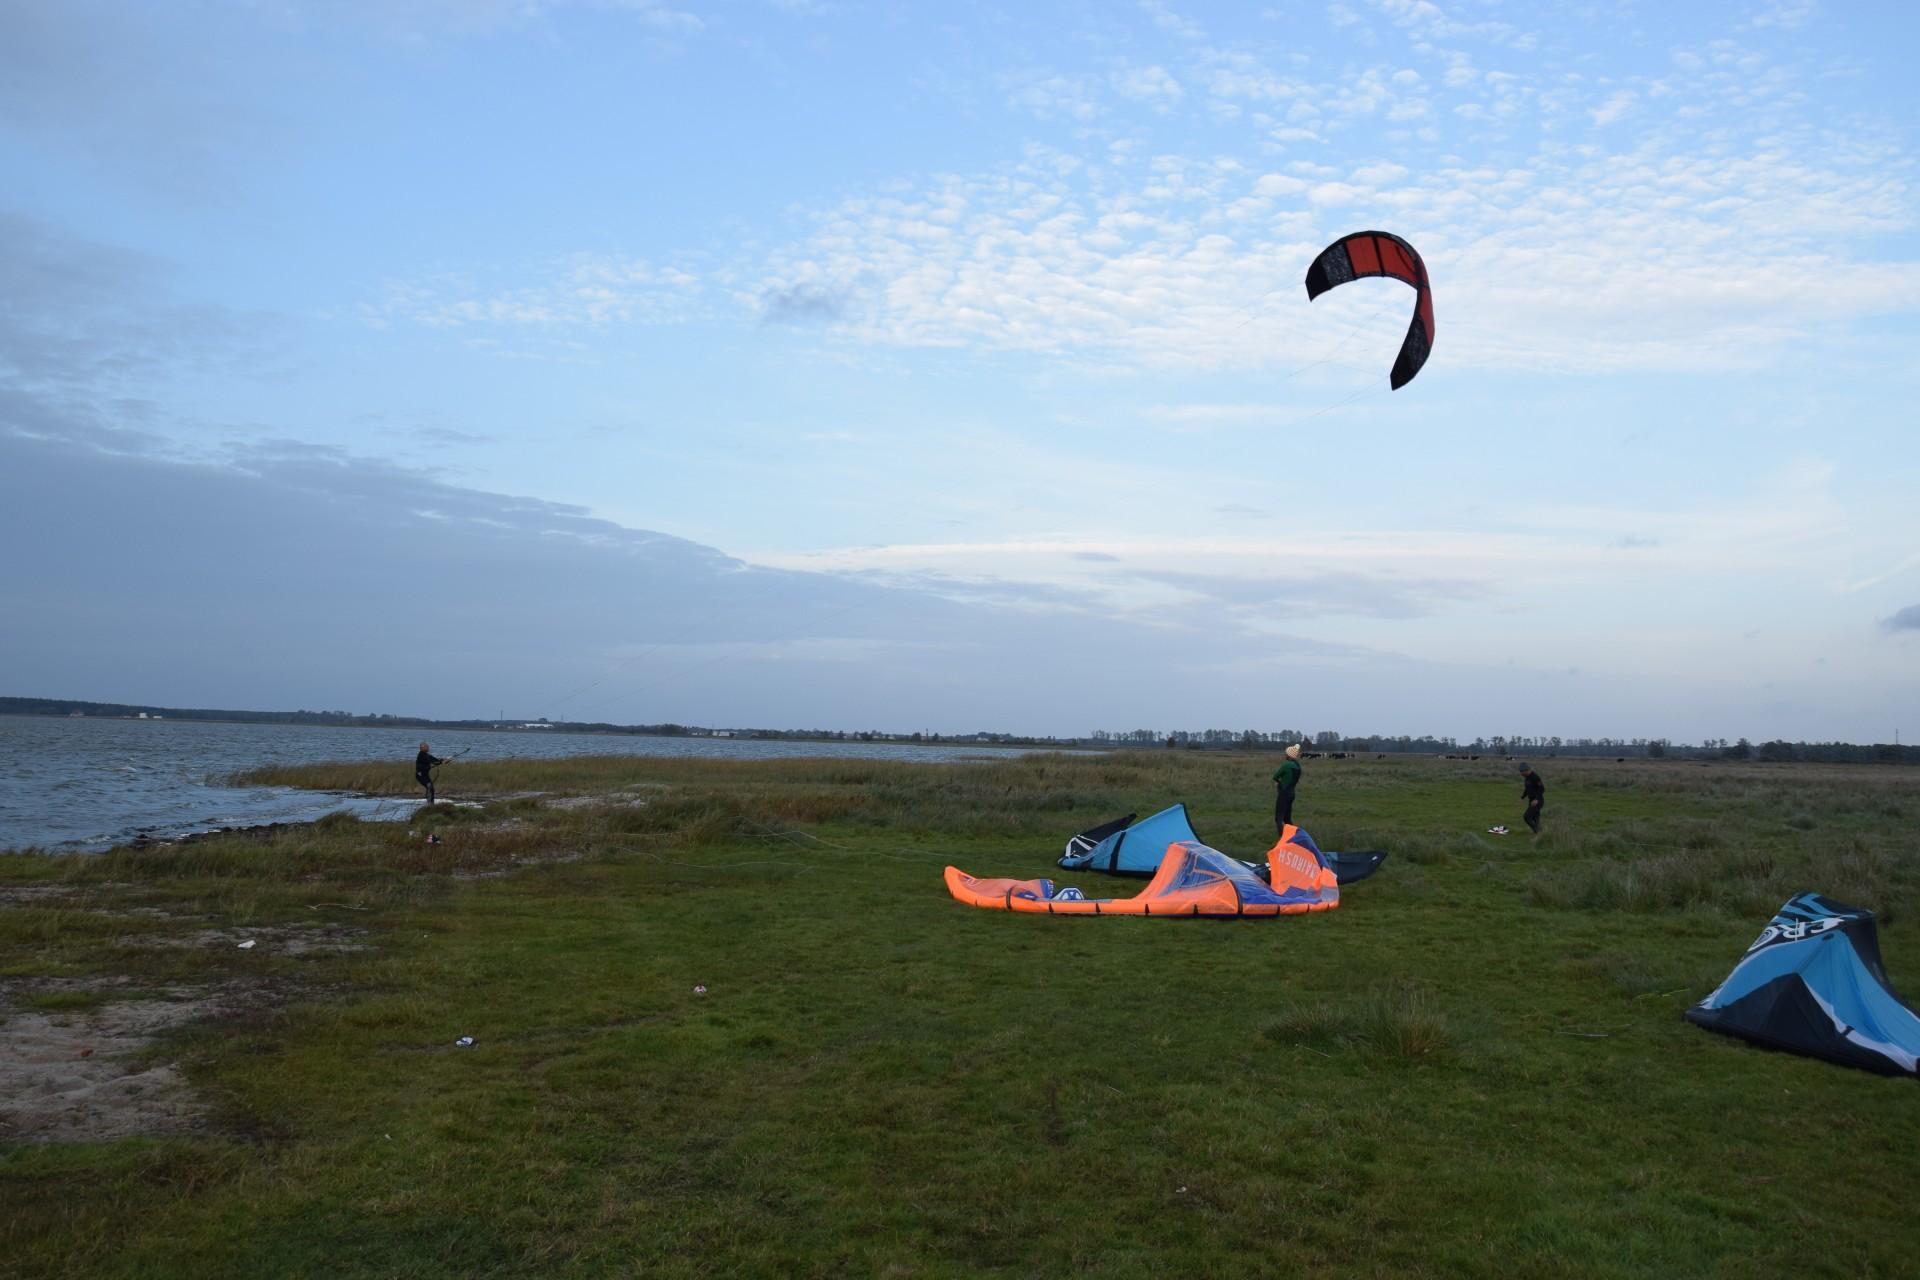 Żarnowska, Słowiński Park Narodowy, nielegalny kitesurfing